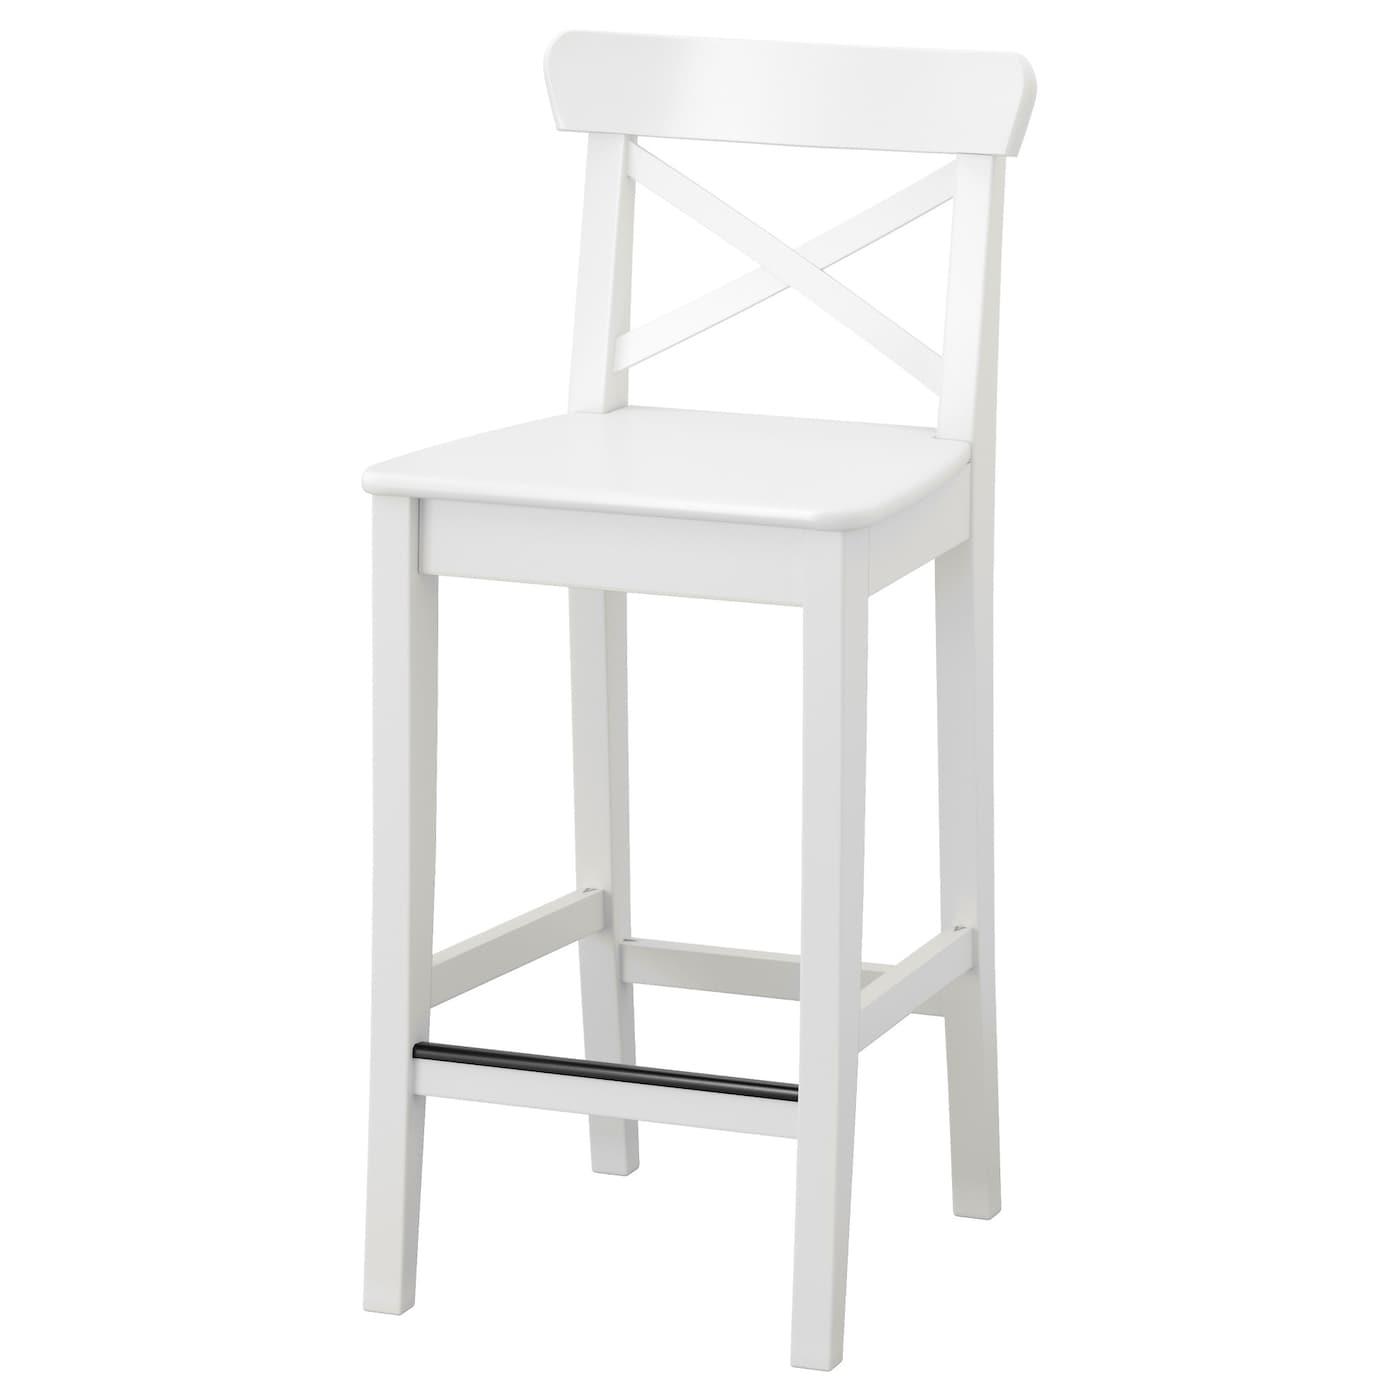 Ingolf Bar Stool With Backrest White 63 Cm Ikea